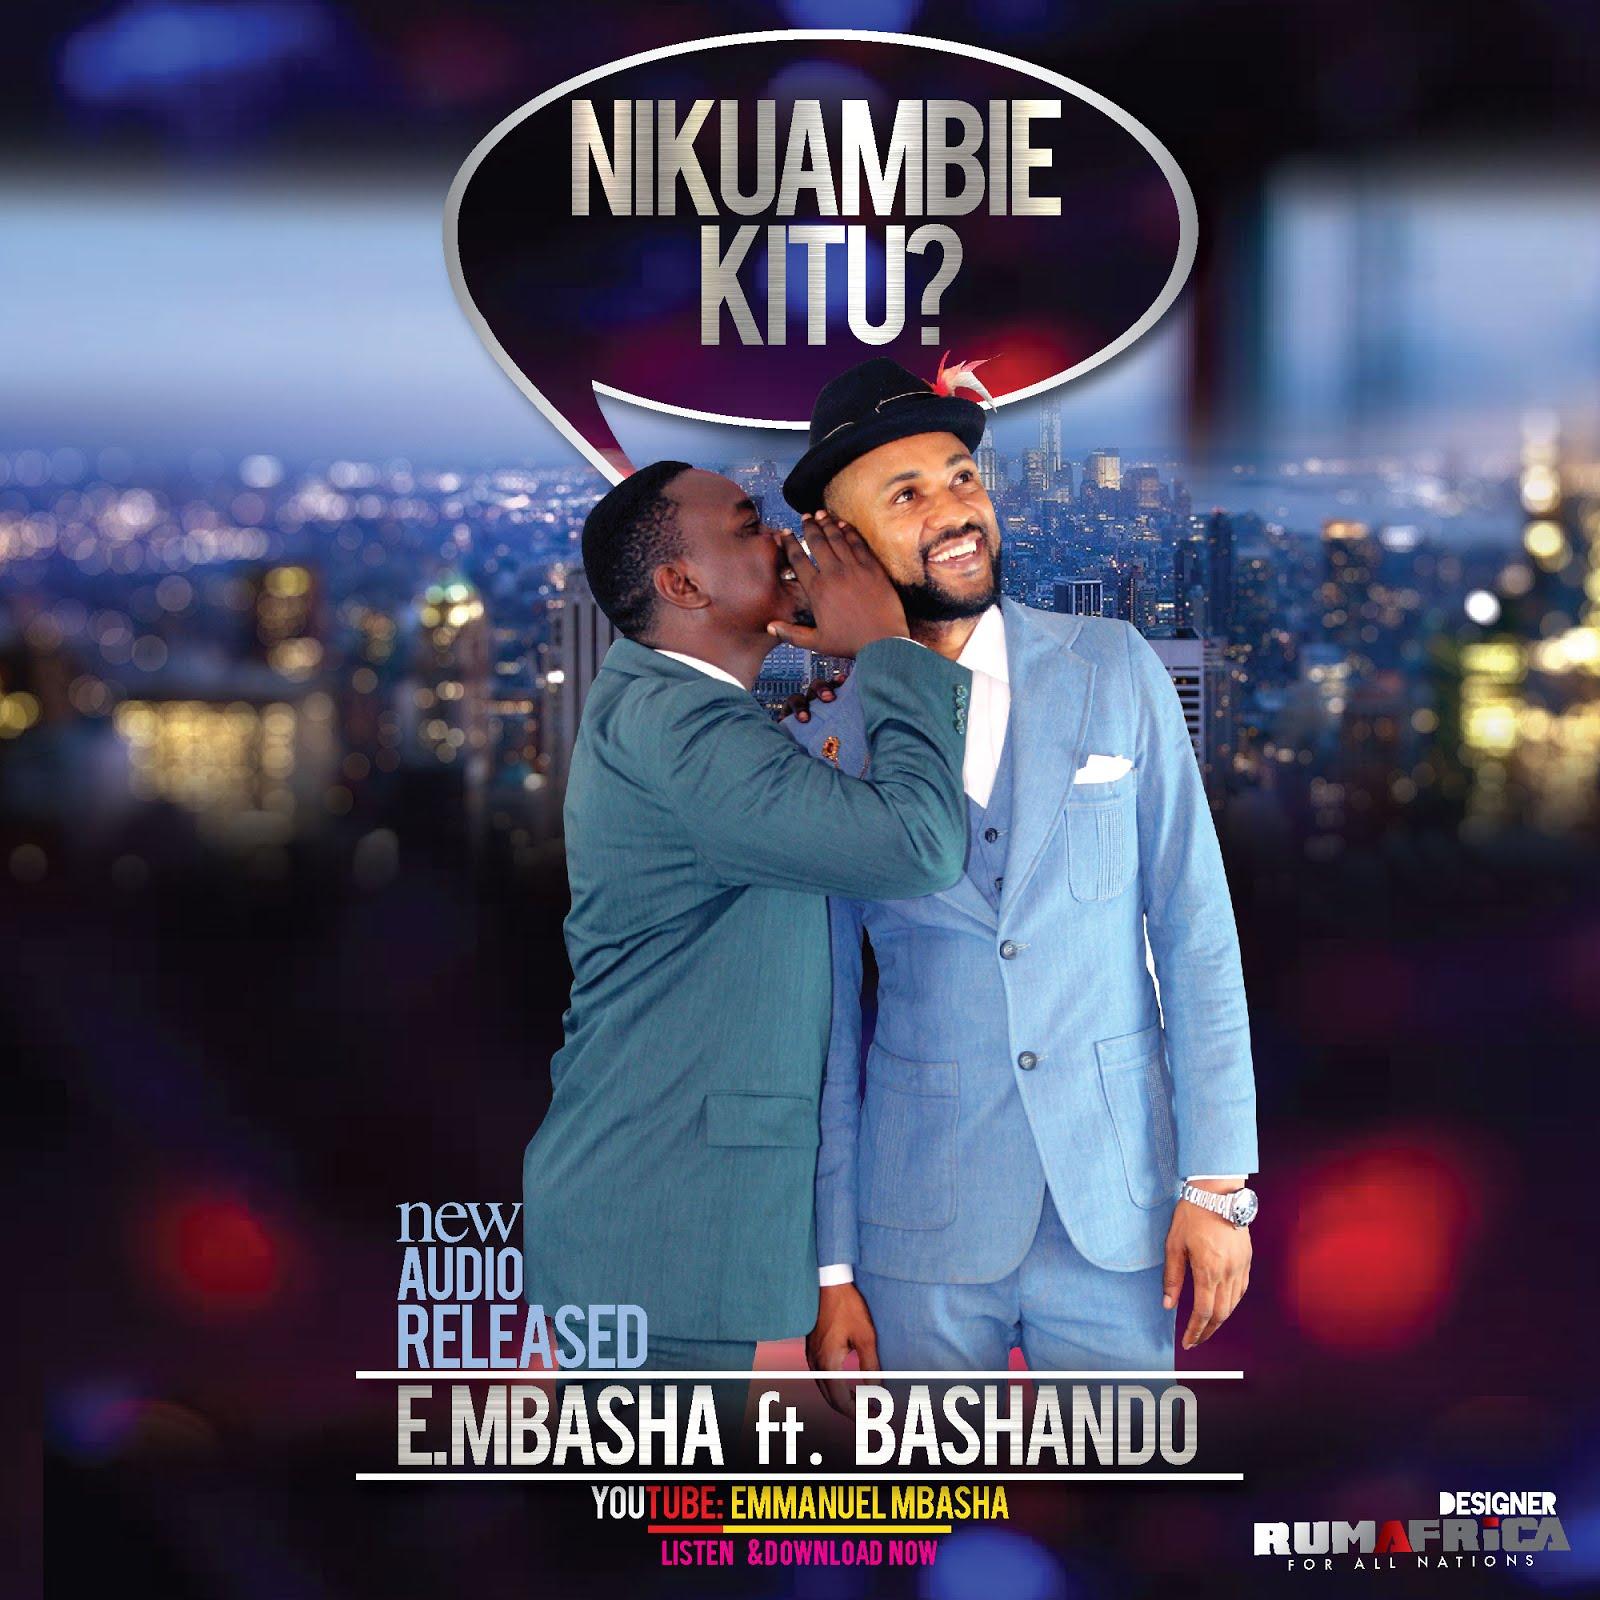 E MBASHA & BASHANDO